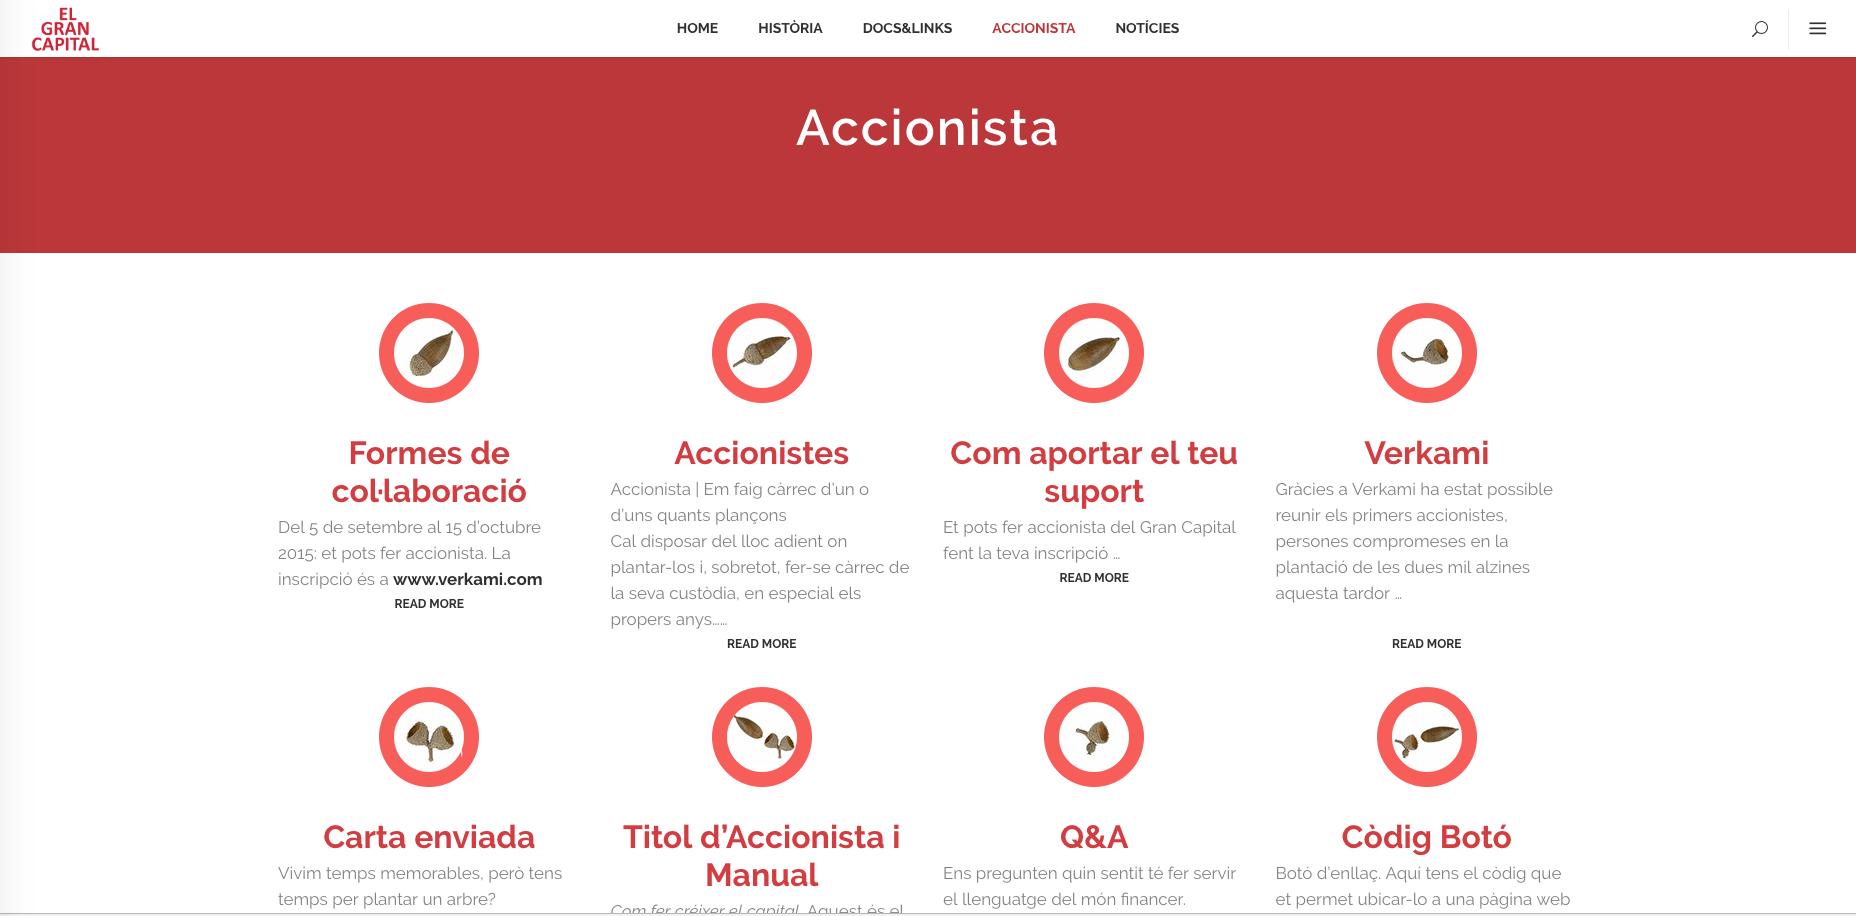 pantallas de la web elgrancapital.com